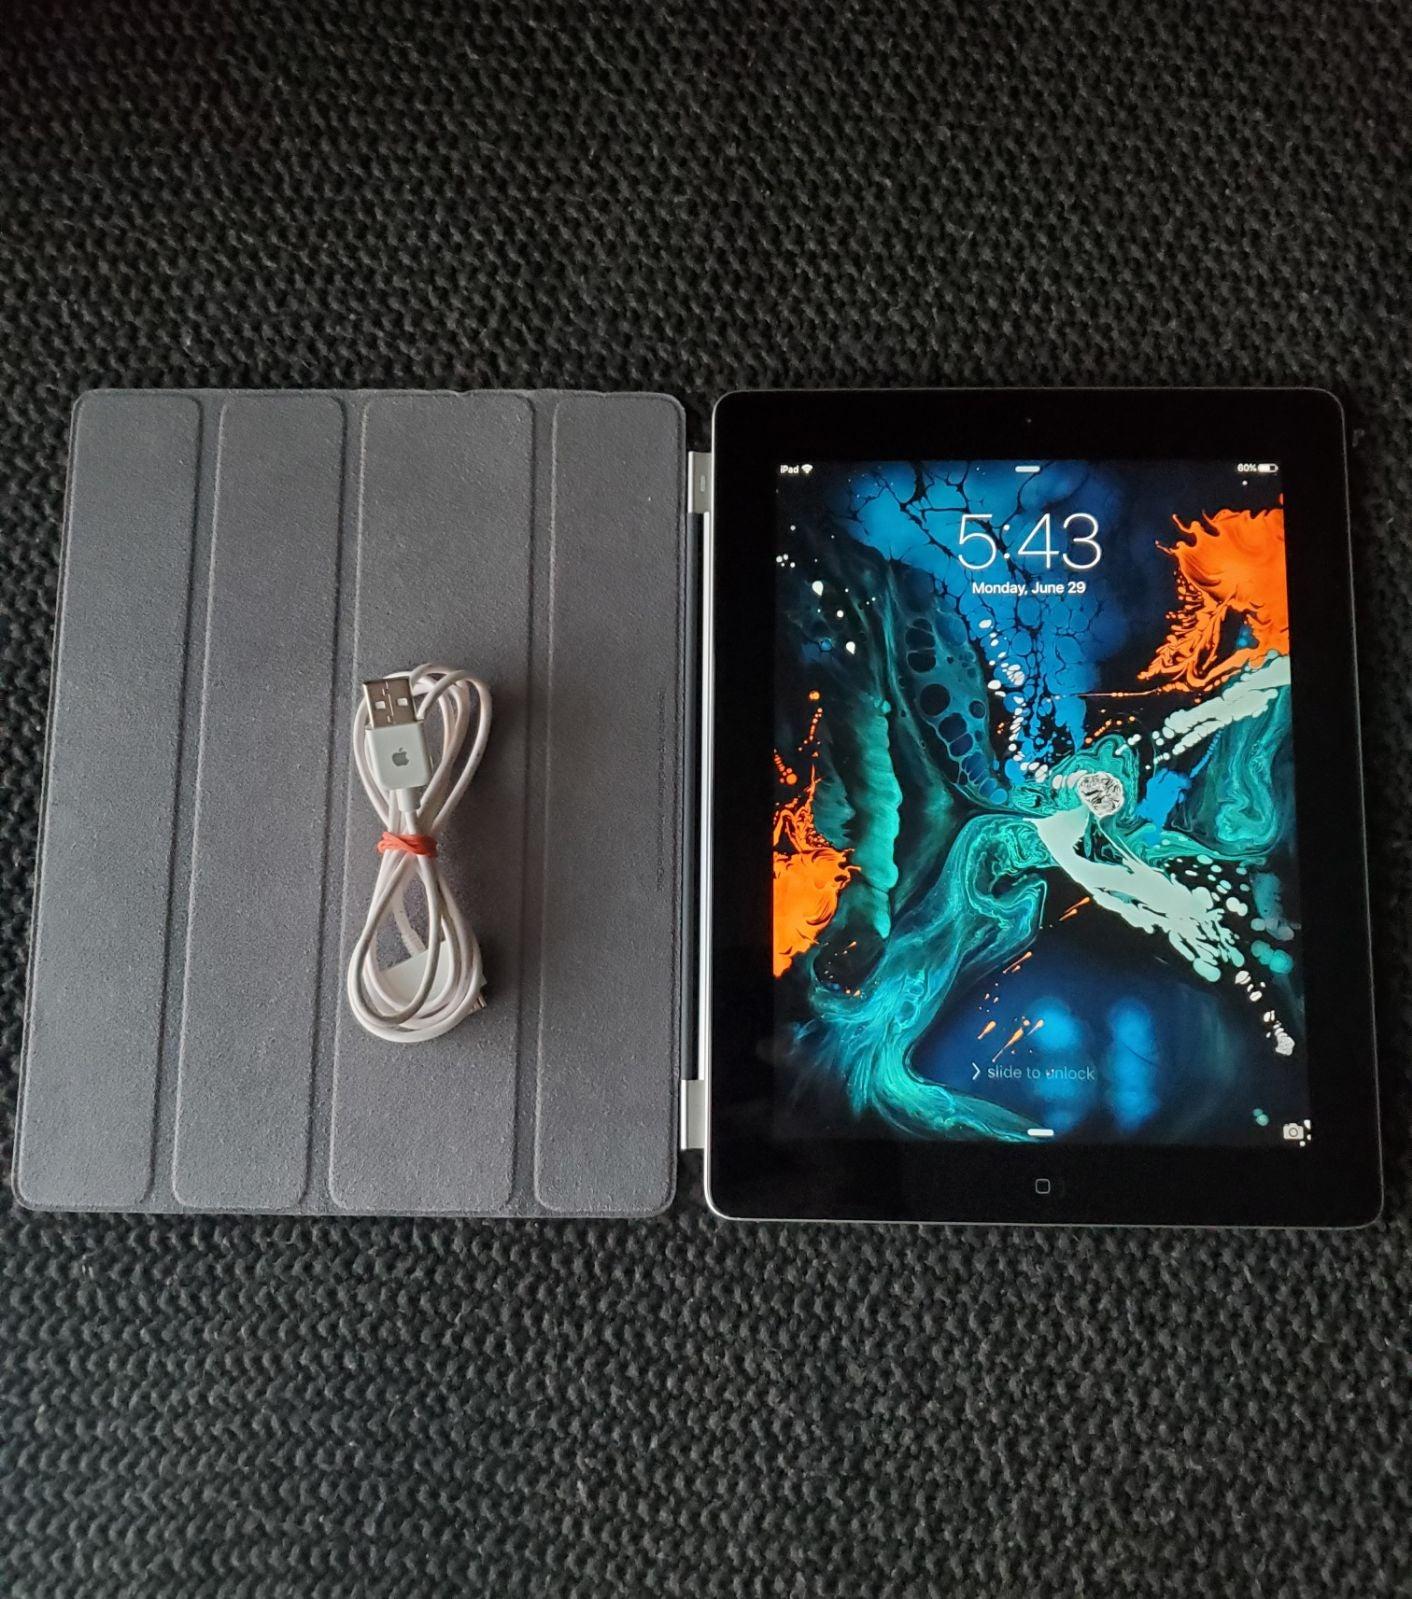 iPad 2 16 GB (WiFi)